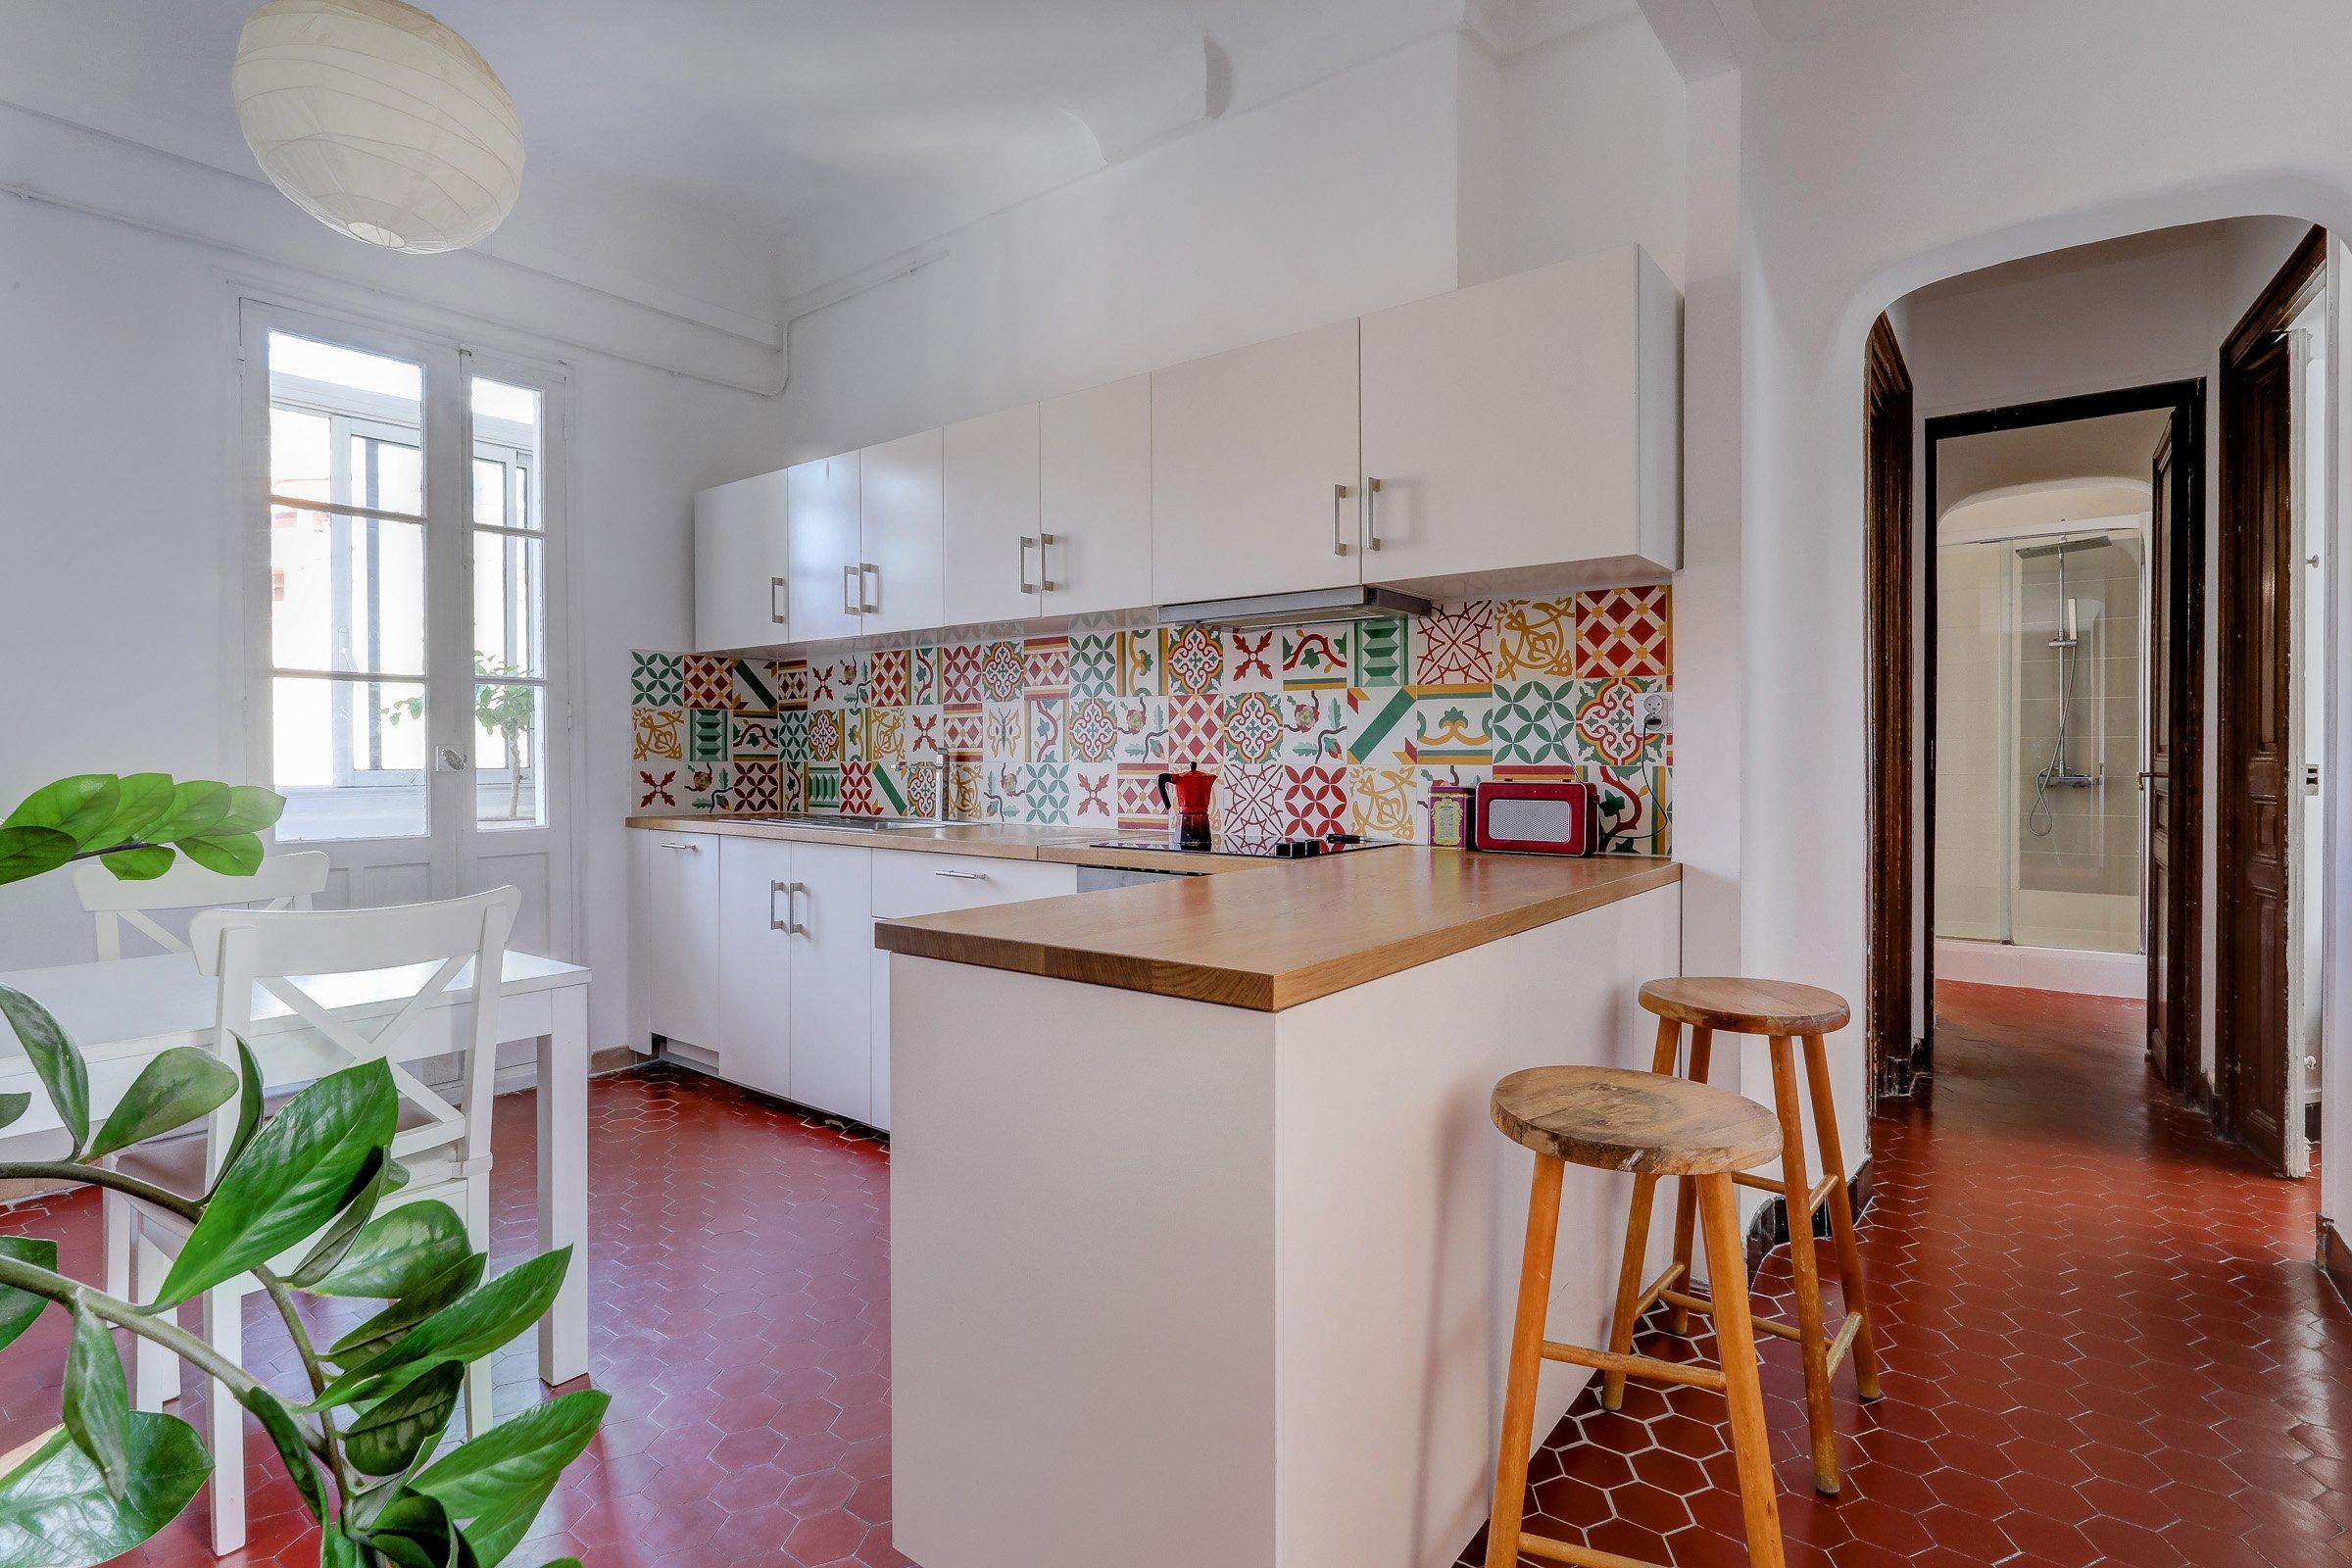 facade_marseille_endoume_13007_vueimprenable_notredame_labonnemere_appartement_13007_cuisine2